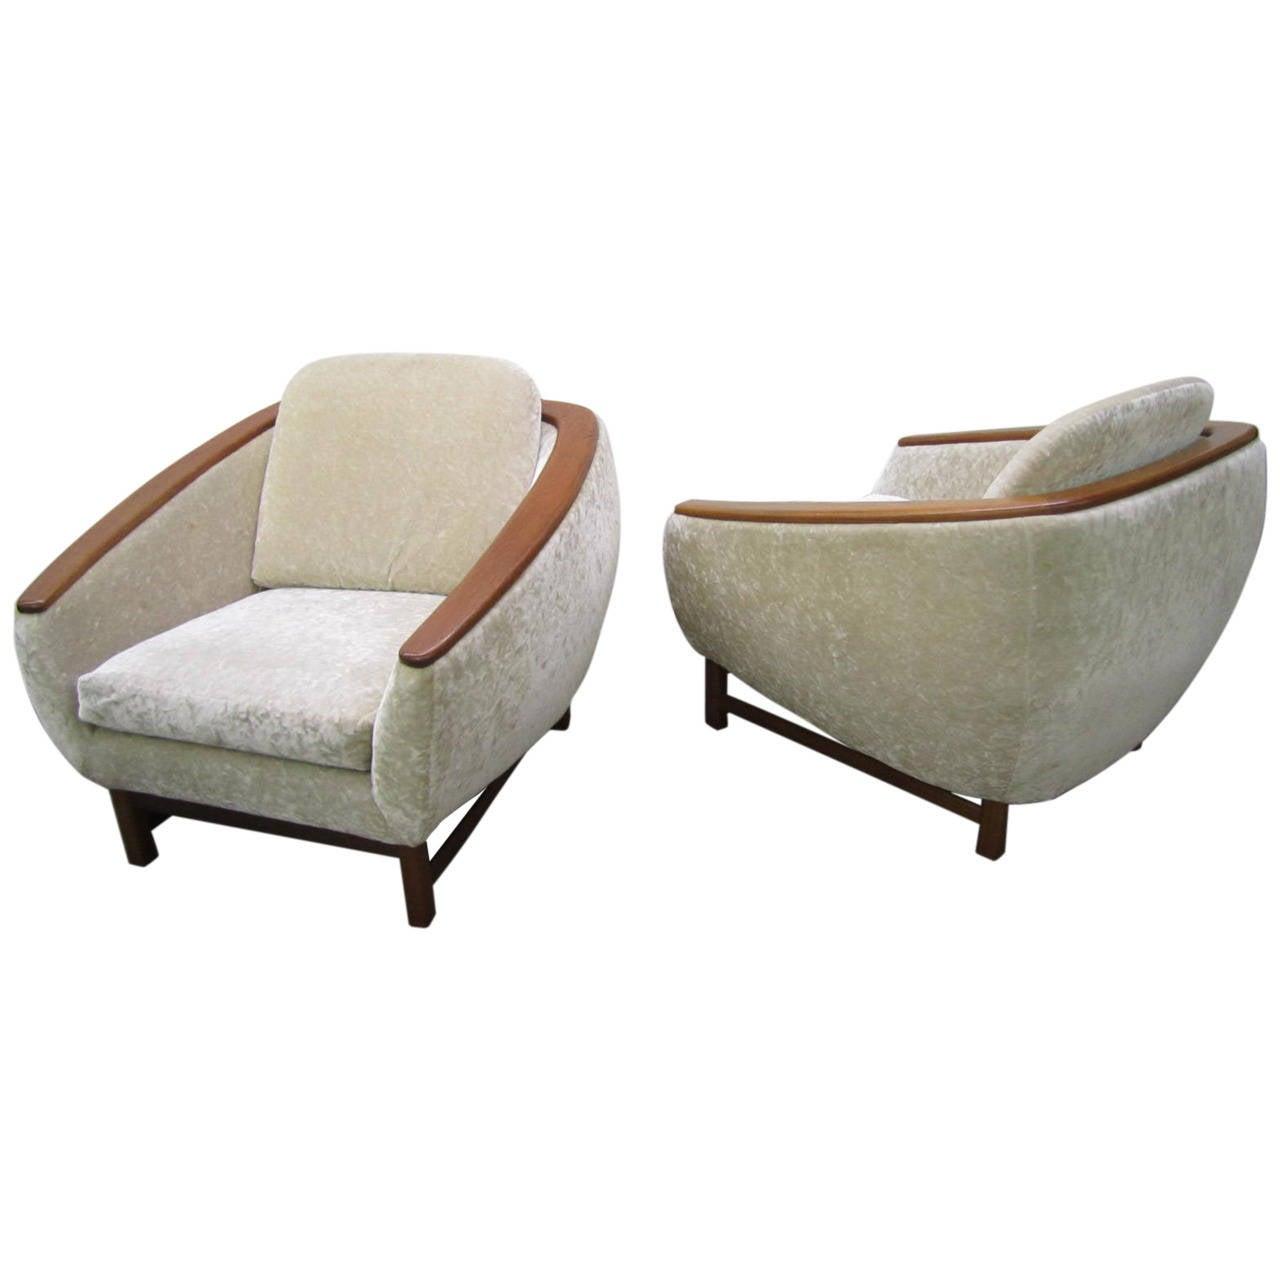 pair of midcentury modern huber teakarm lounge chairs for sale  - pair of midcentury modern huber teakarm lounge chairs